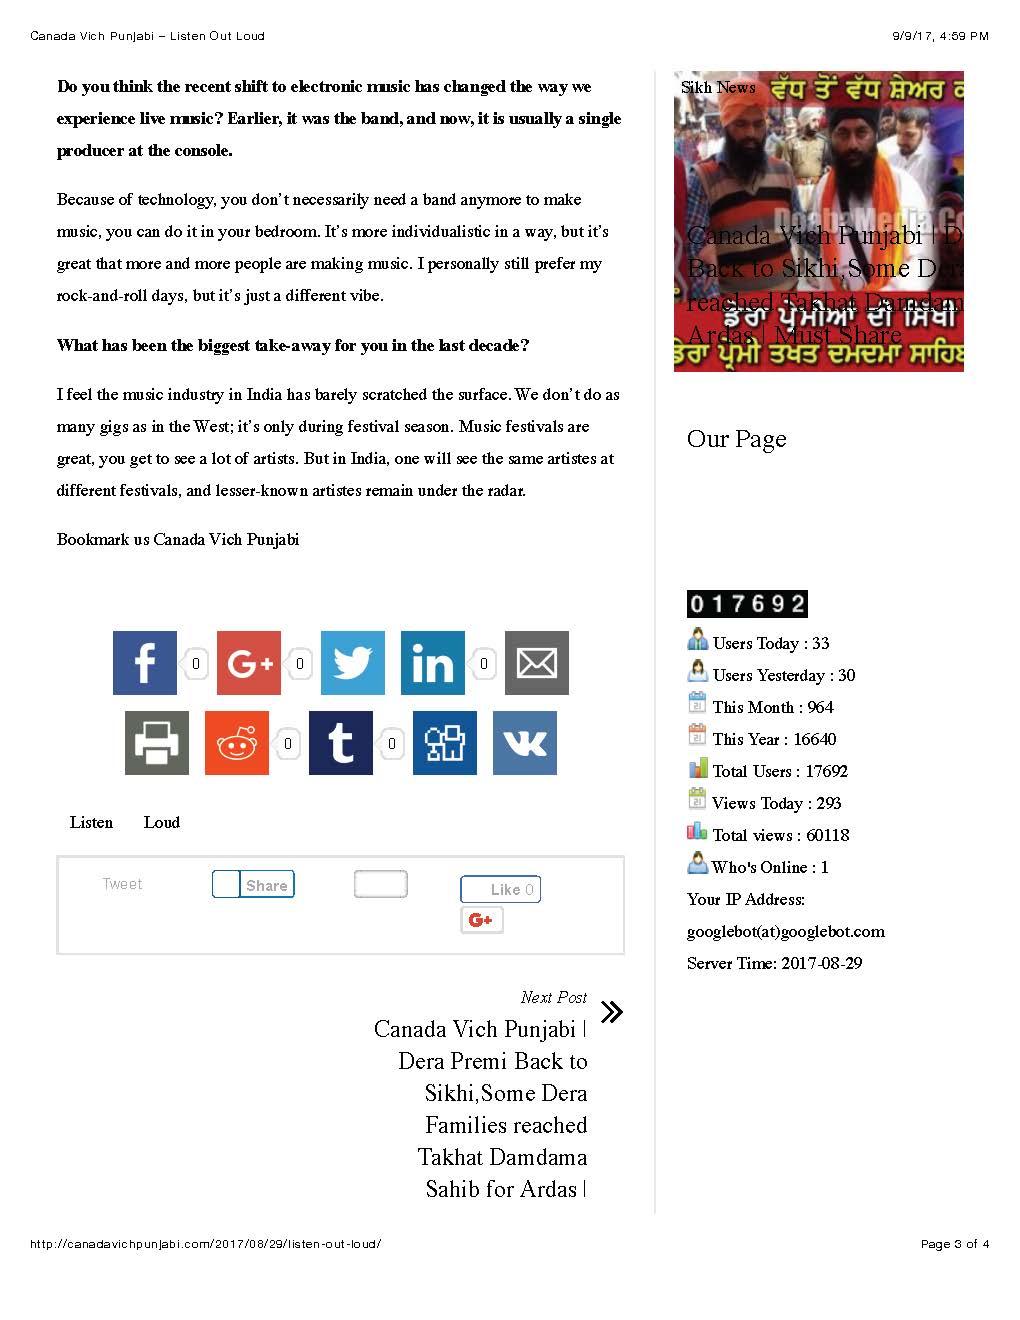 Canadavichpunjabi - Aug '17 Page 3